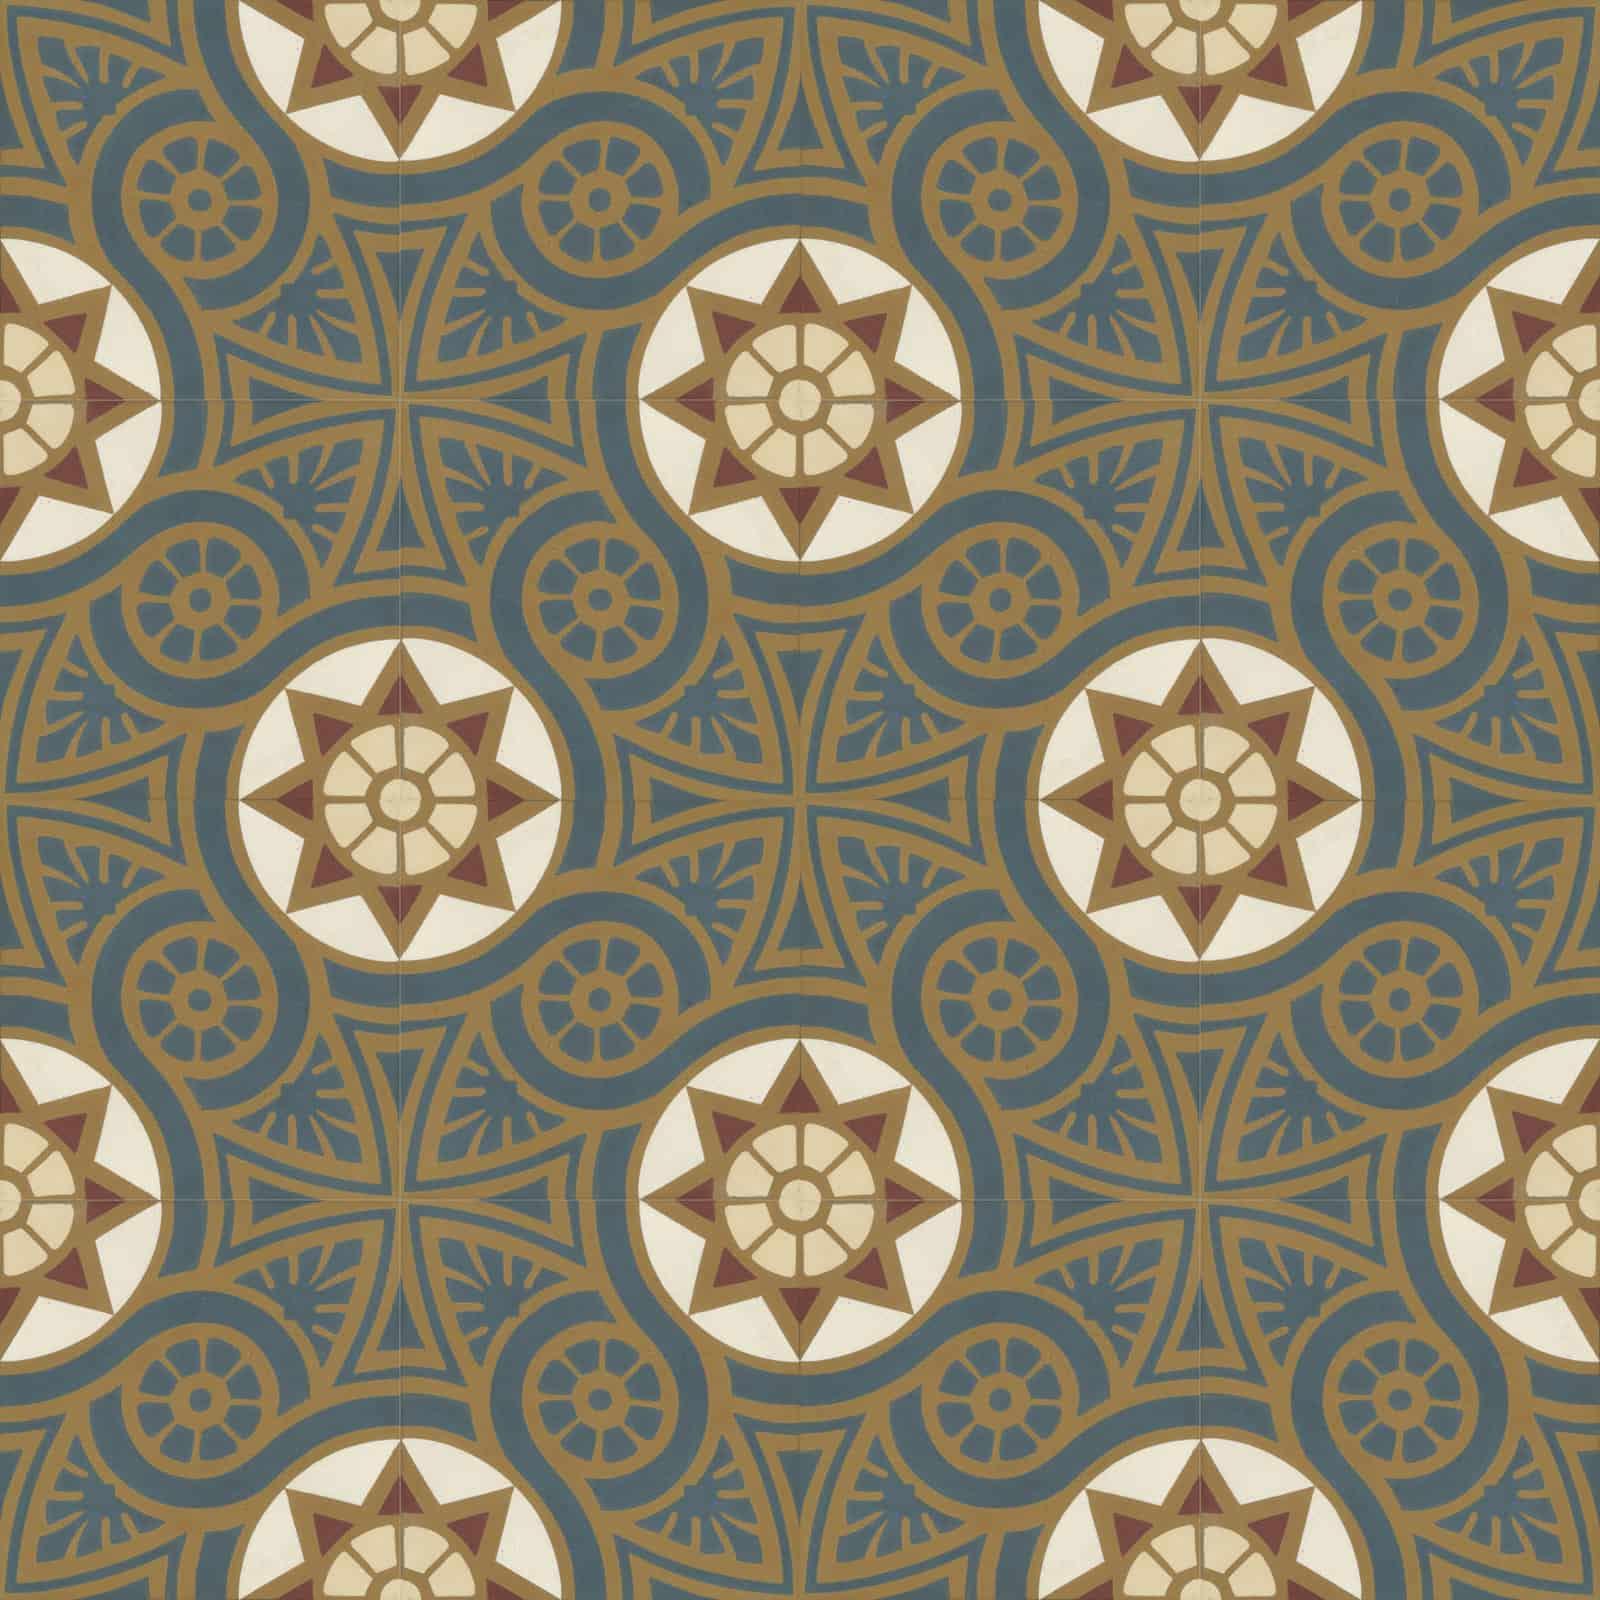 zementfliesen-terrazzofliesen-kreidefarbe-terrazzo-fugenlos-viaplatten-verlegemuster-51191 | N° 51191/170